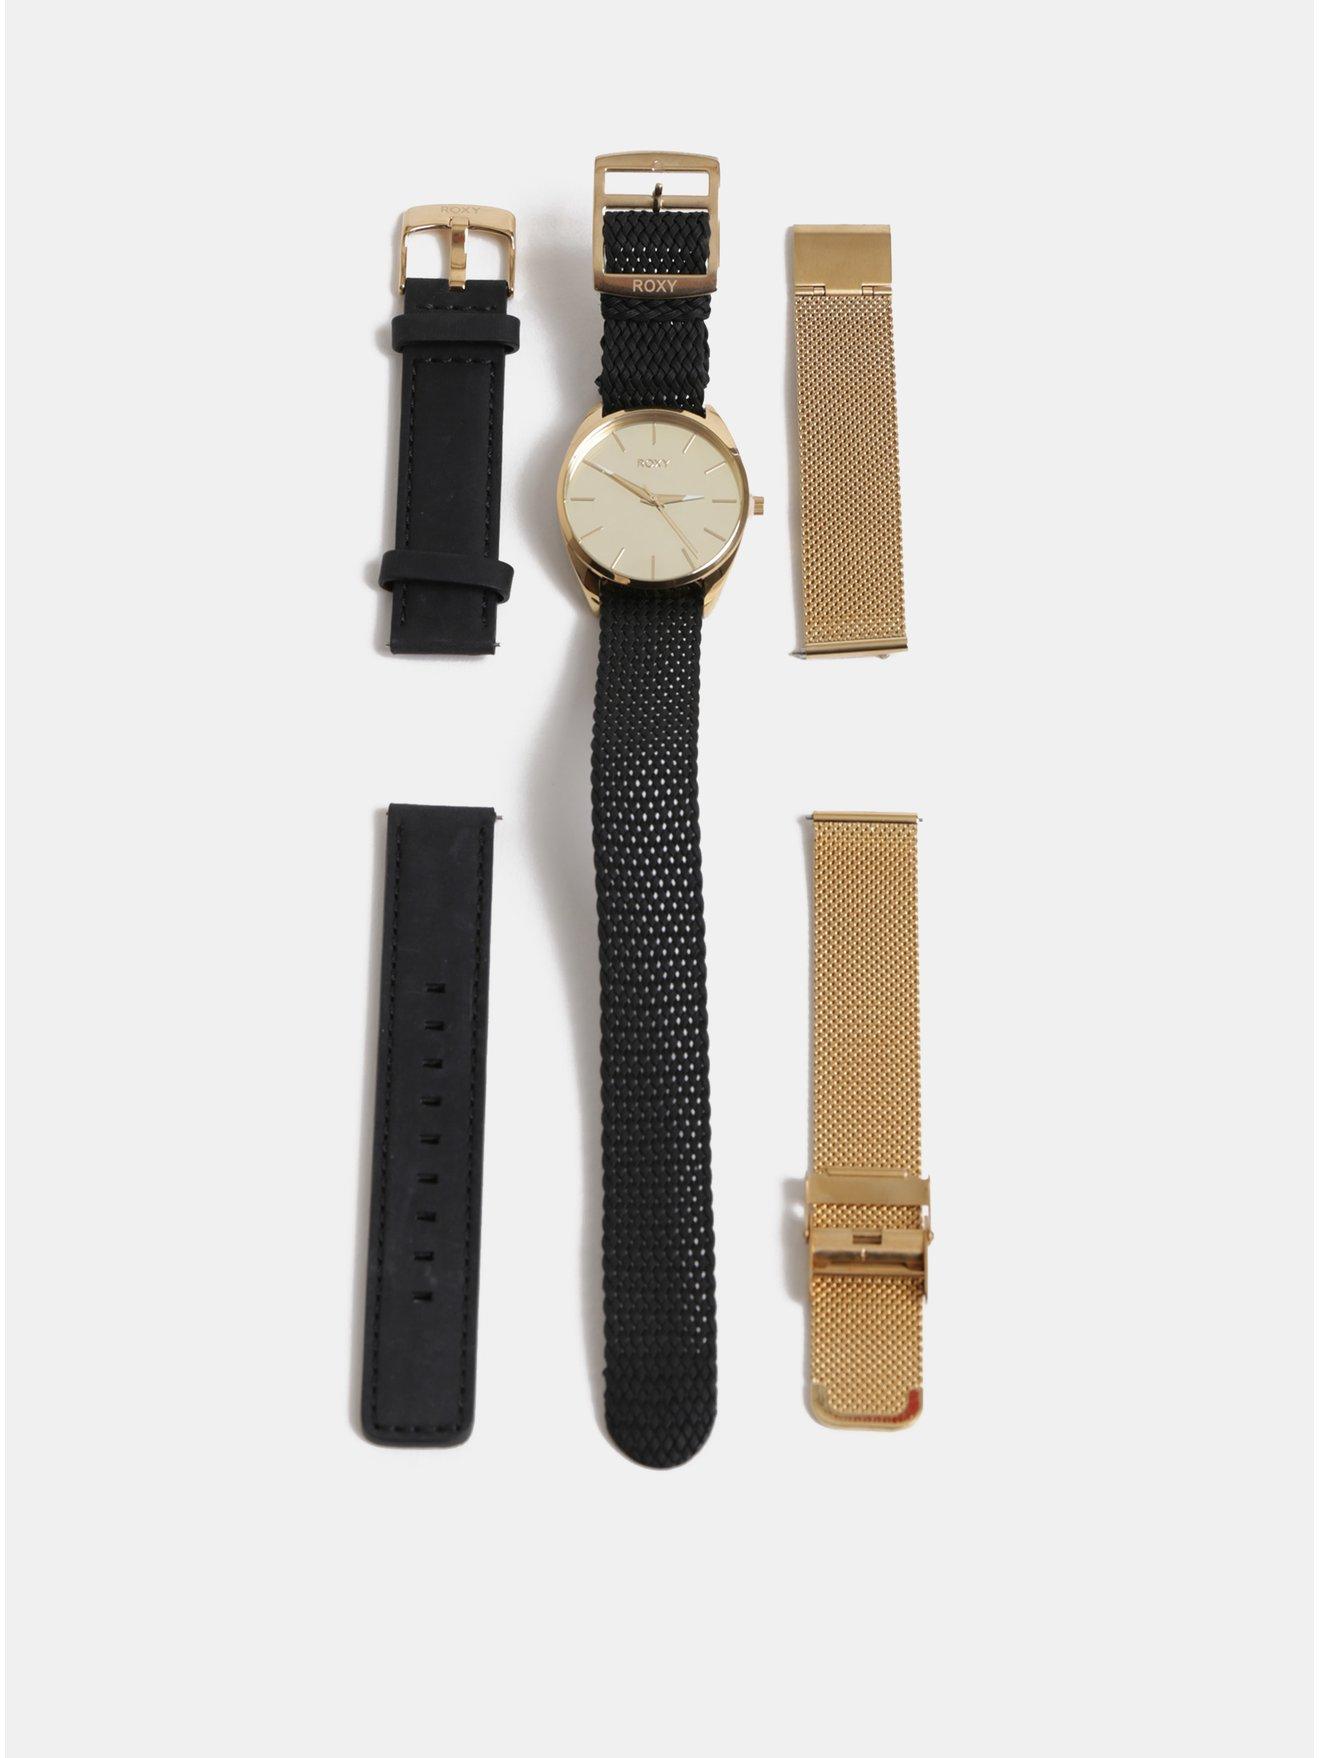 Dámské hodinky s třemi vyměnitelnými pásky v černé a zlaté barvě v dárkovém balení Roxy Mirror